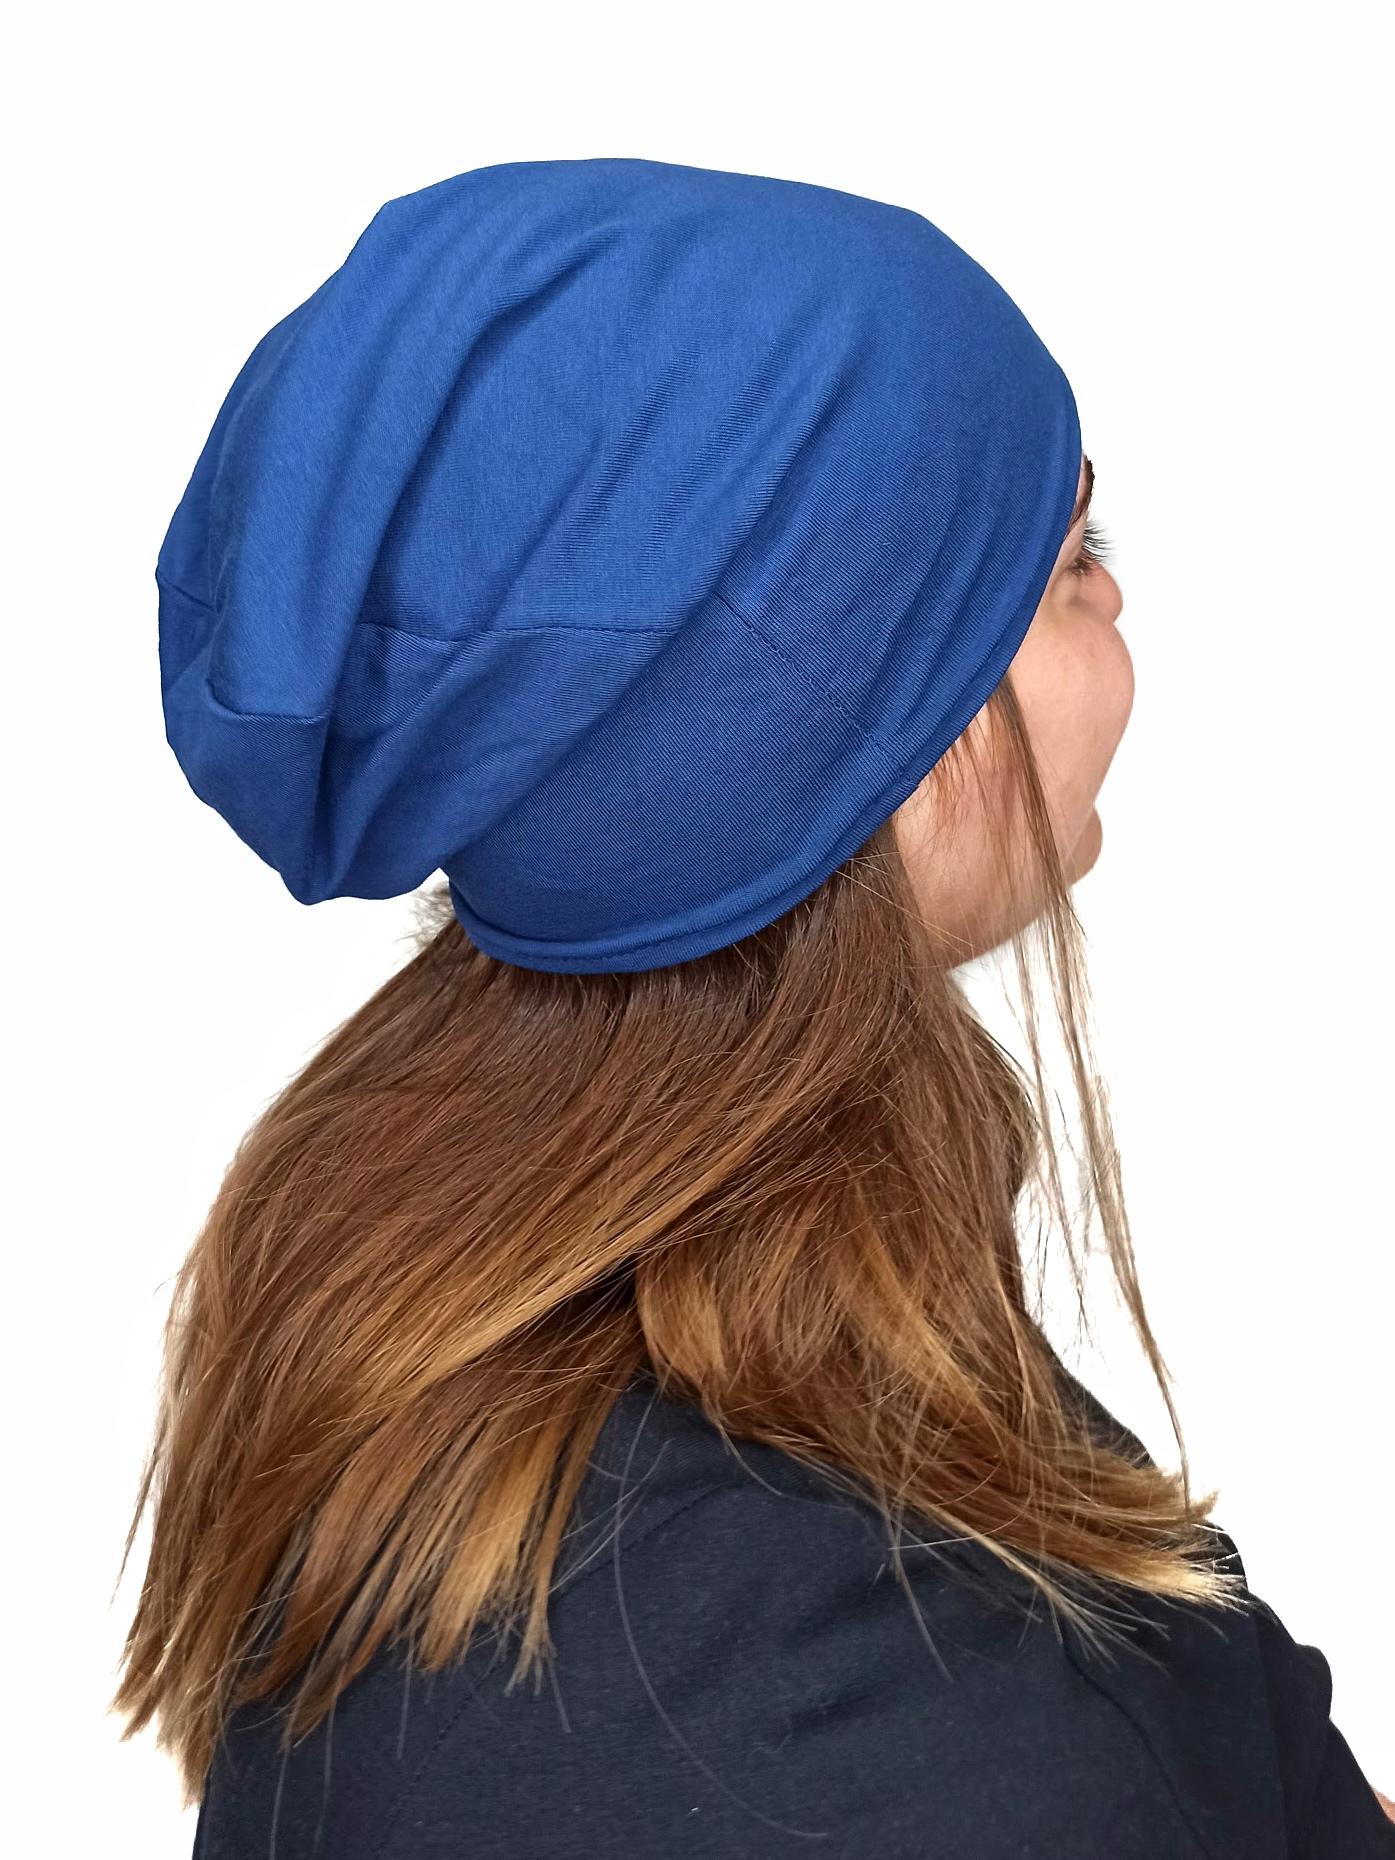 Dámská čepice bavlněná, oboustranná, černá+jeans modrá